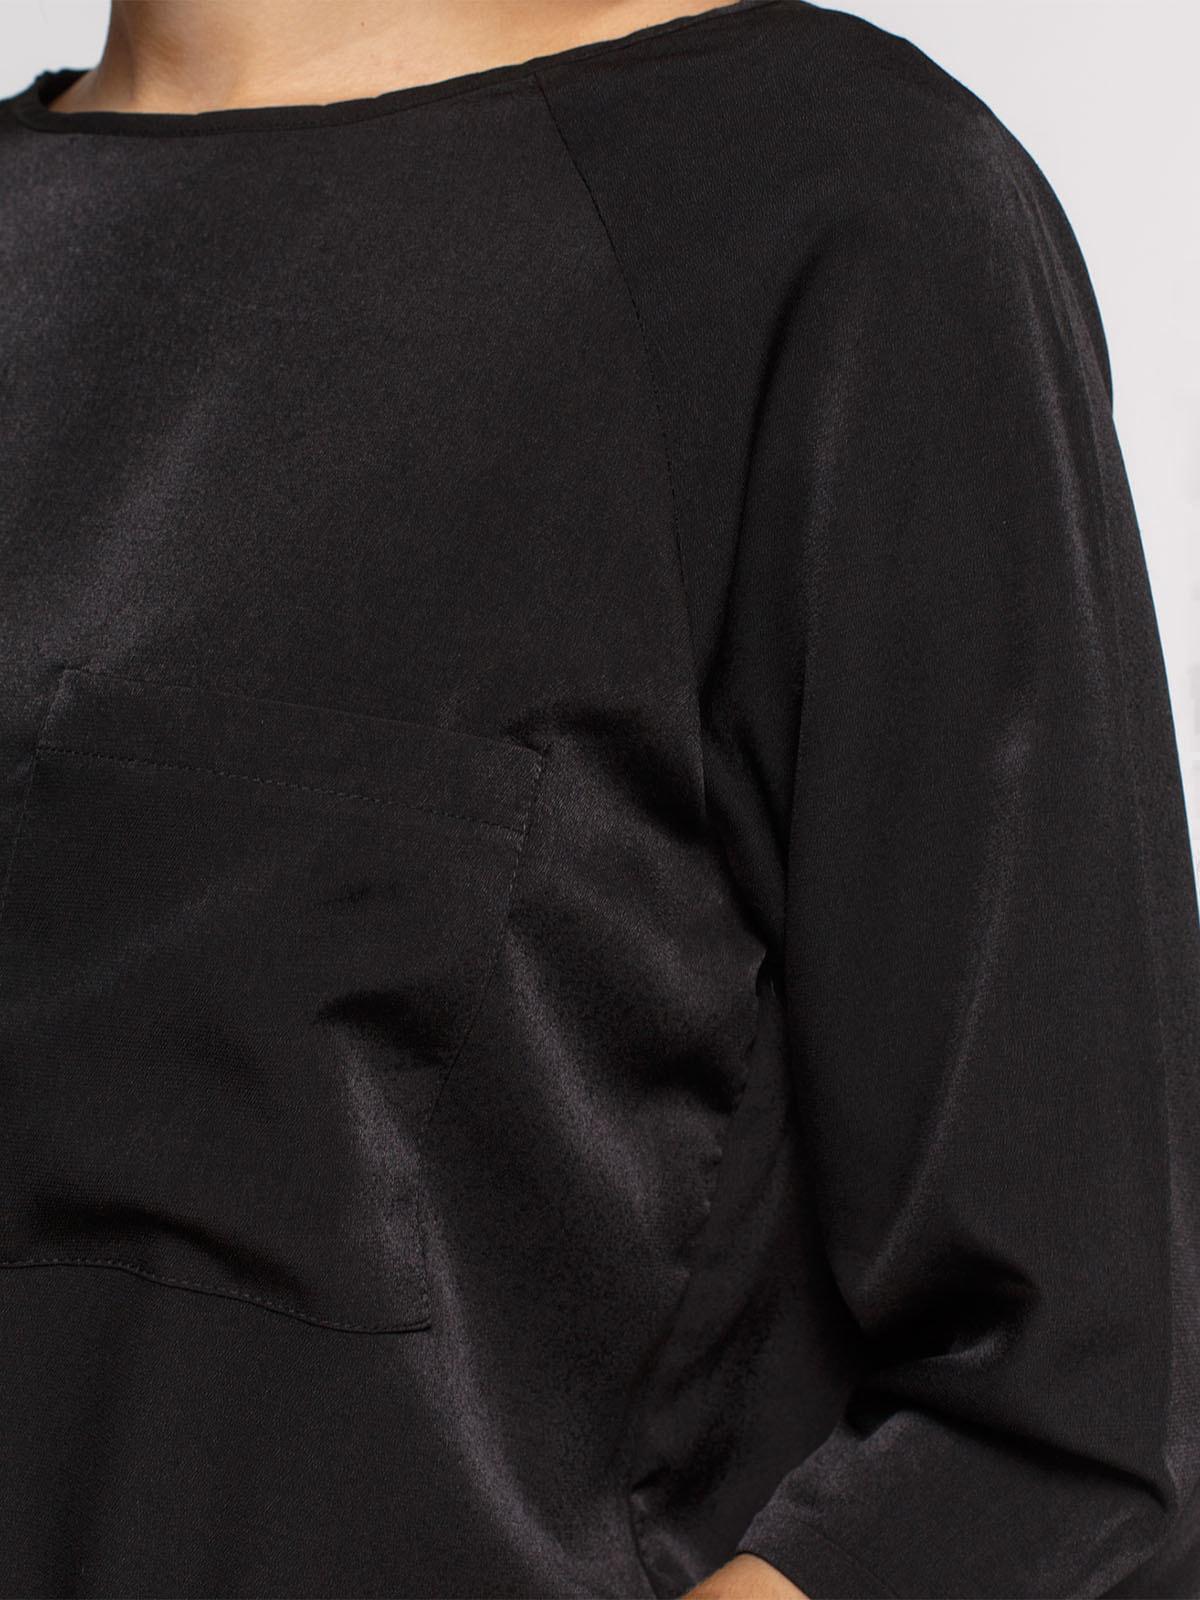 Джемпер чорний | 2693891 | фото 3